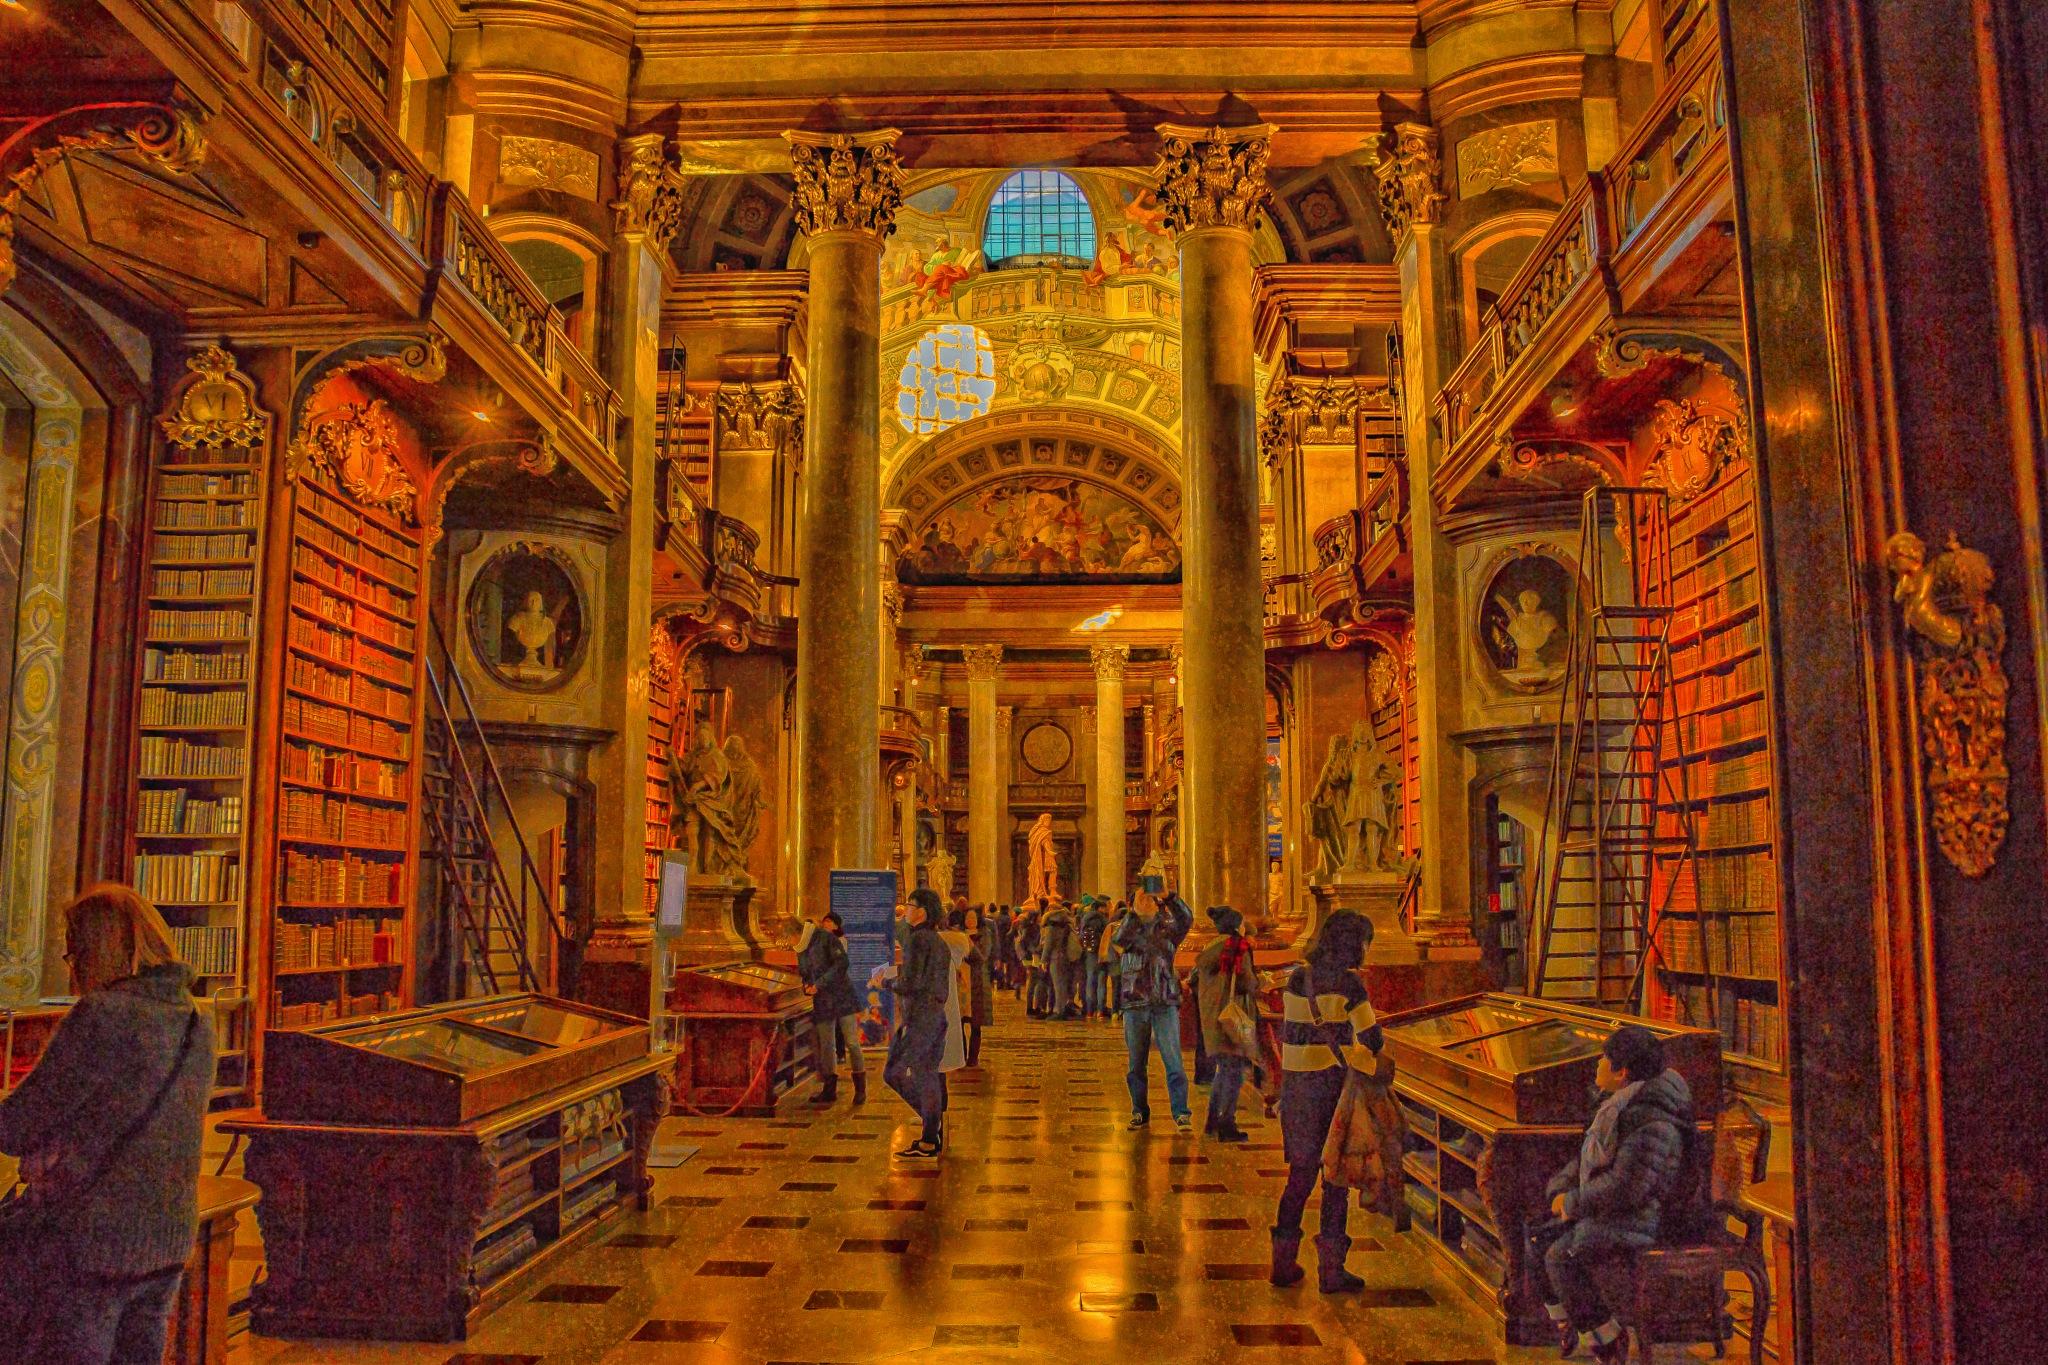 Library by djaffar adane